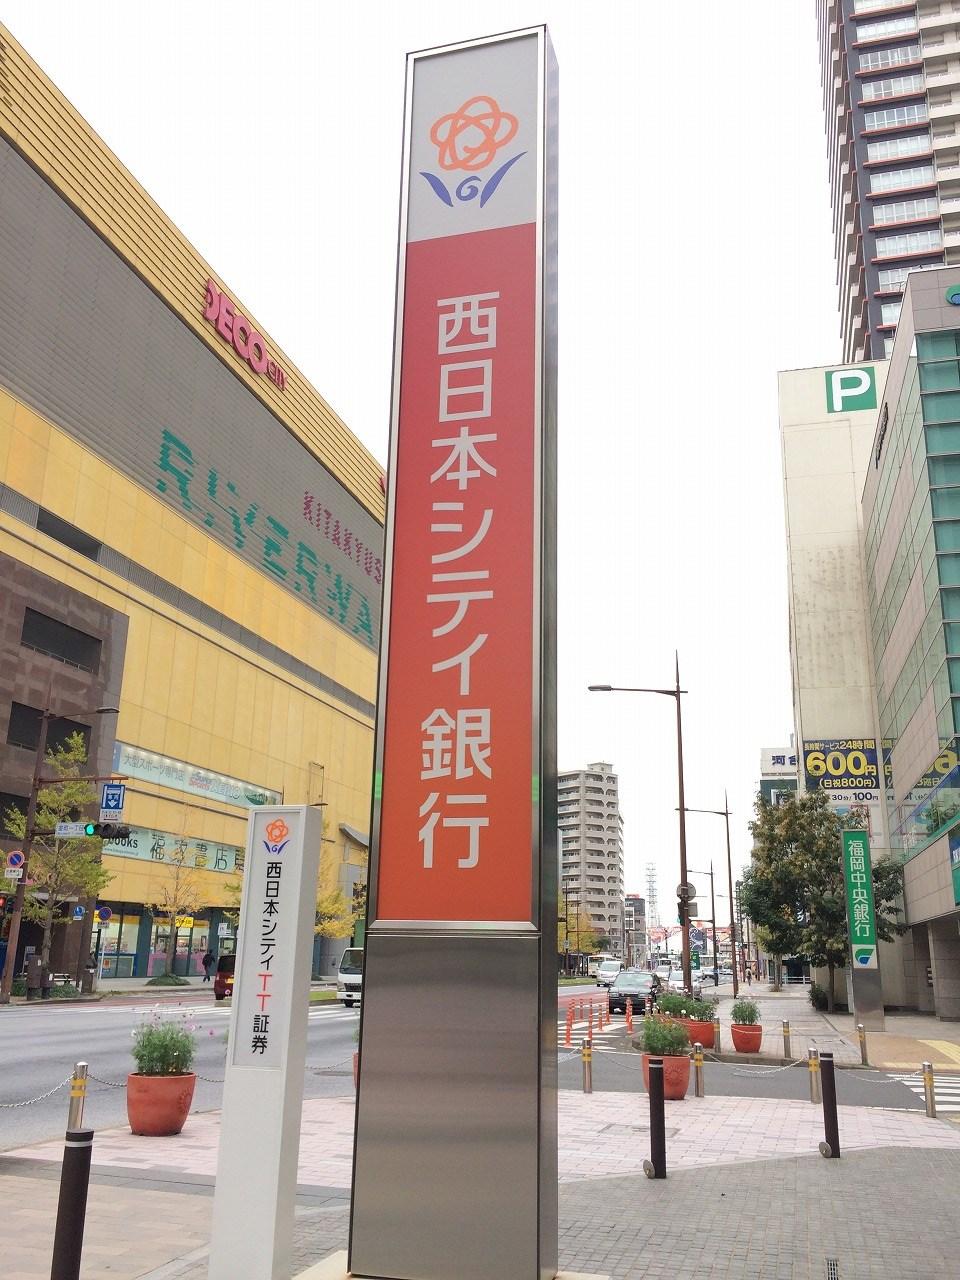 銀行:西日本シティ銀行 サンリブ折尾店 (ATM) 279m